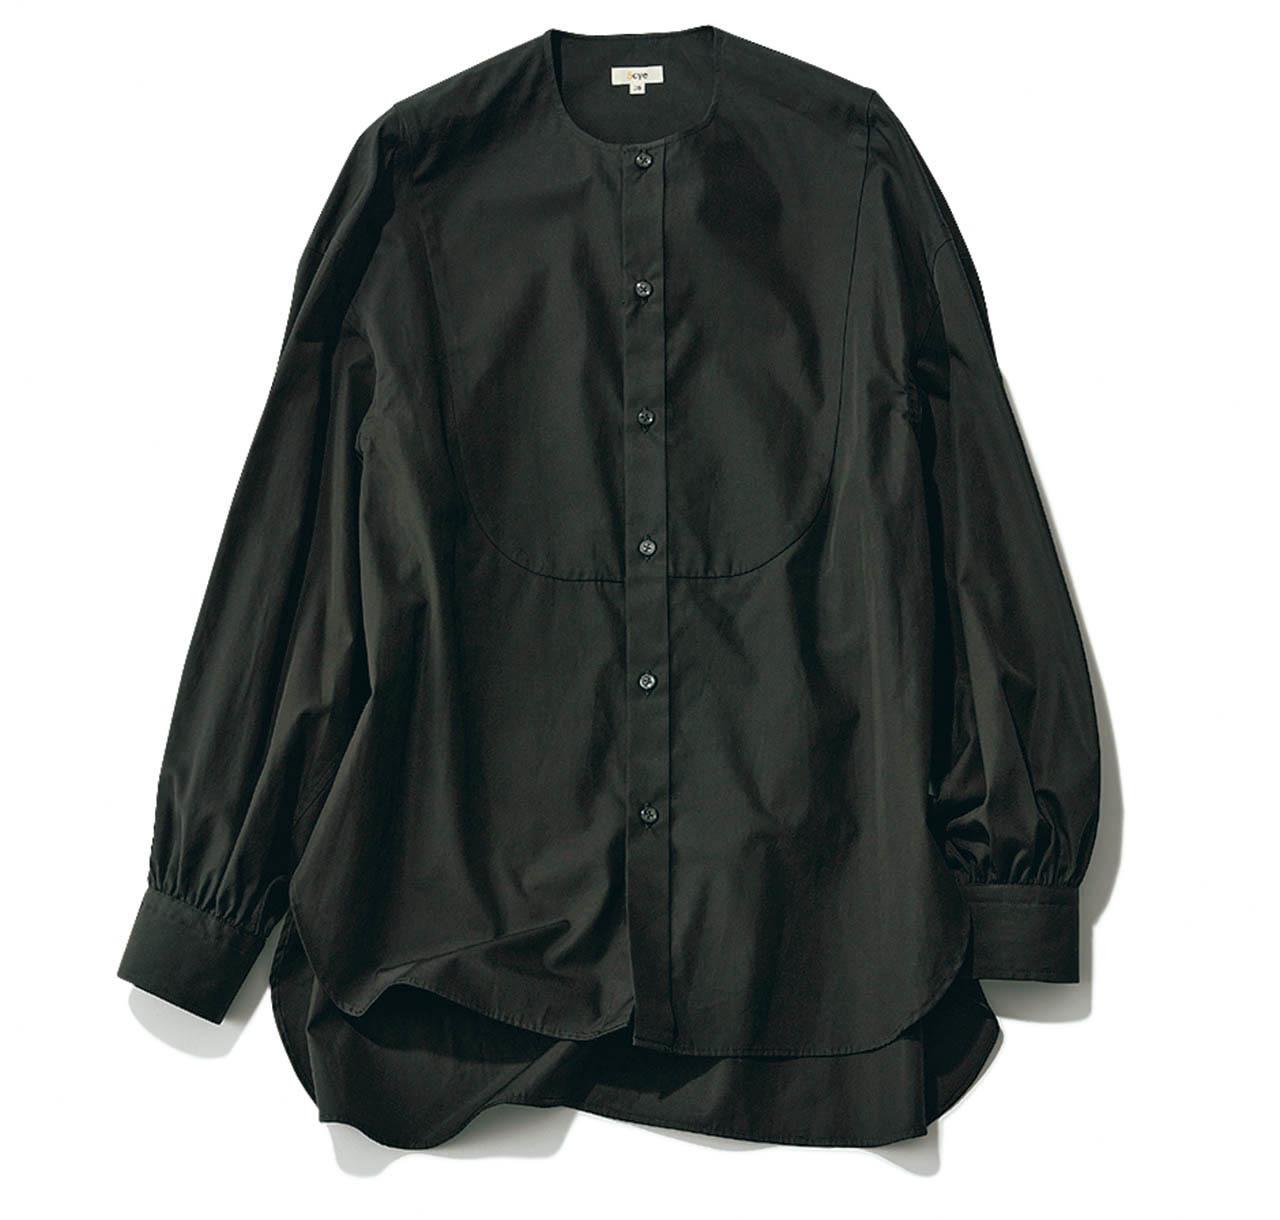 サイのバンドカラー シャツ